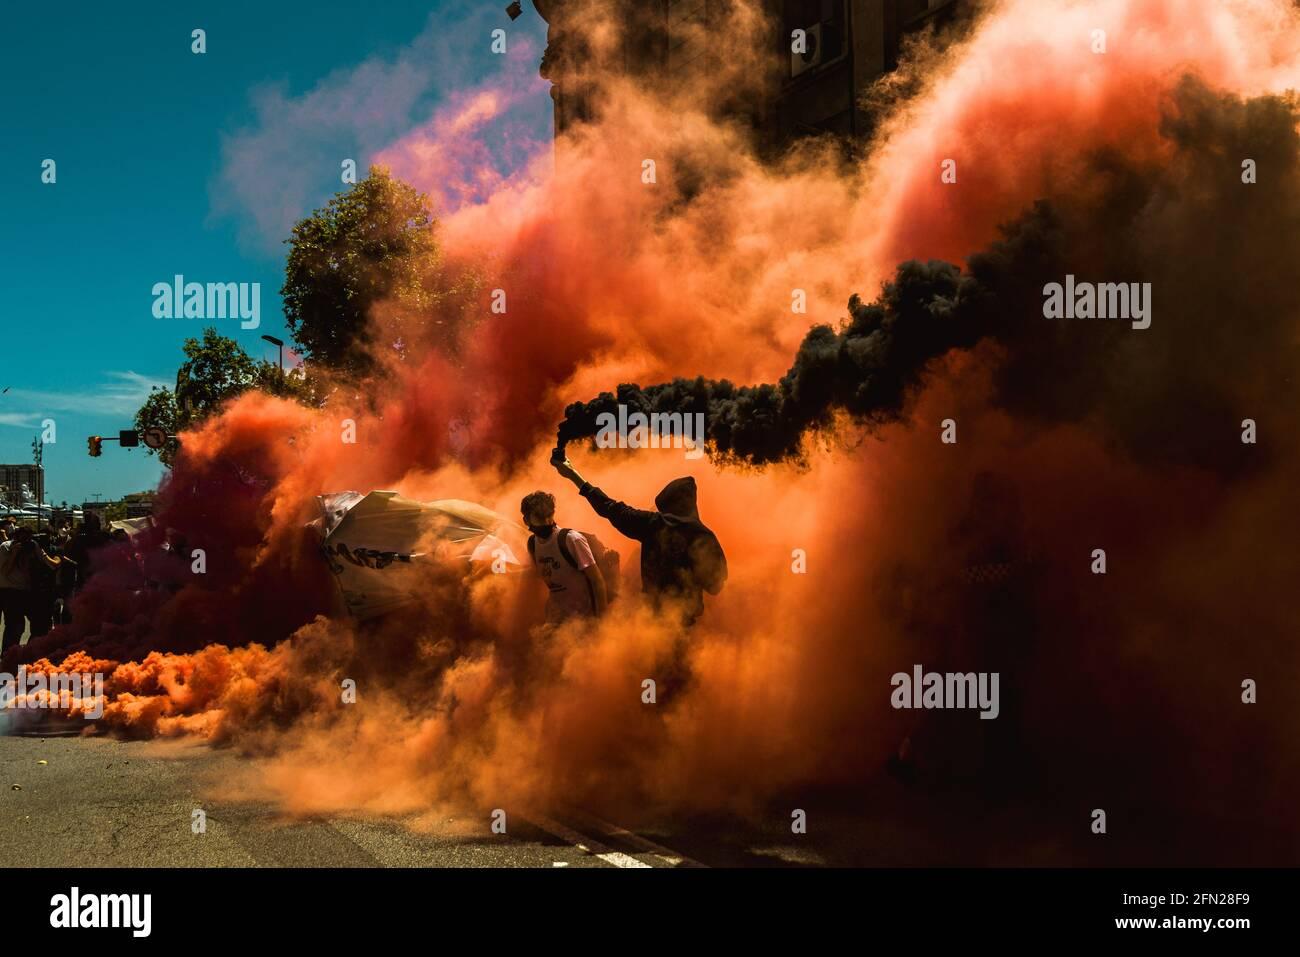 Barcellona, Spagna. 13 maggio 2021. Colpendo gli studenti catalani si accendono gli incendi del Bengala mentre protestano contro la crisi educativa durante la continua diffusione del virus corona. Credit: Matthias Oesterle/Alamy Live News Foto Stock